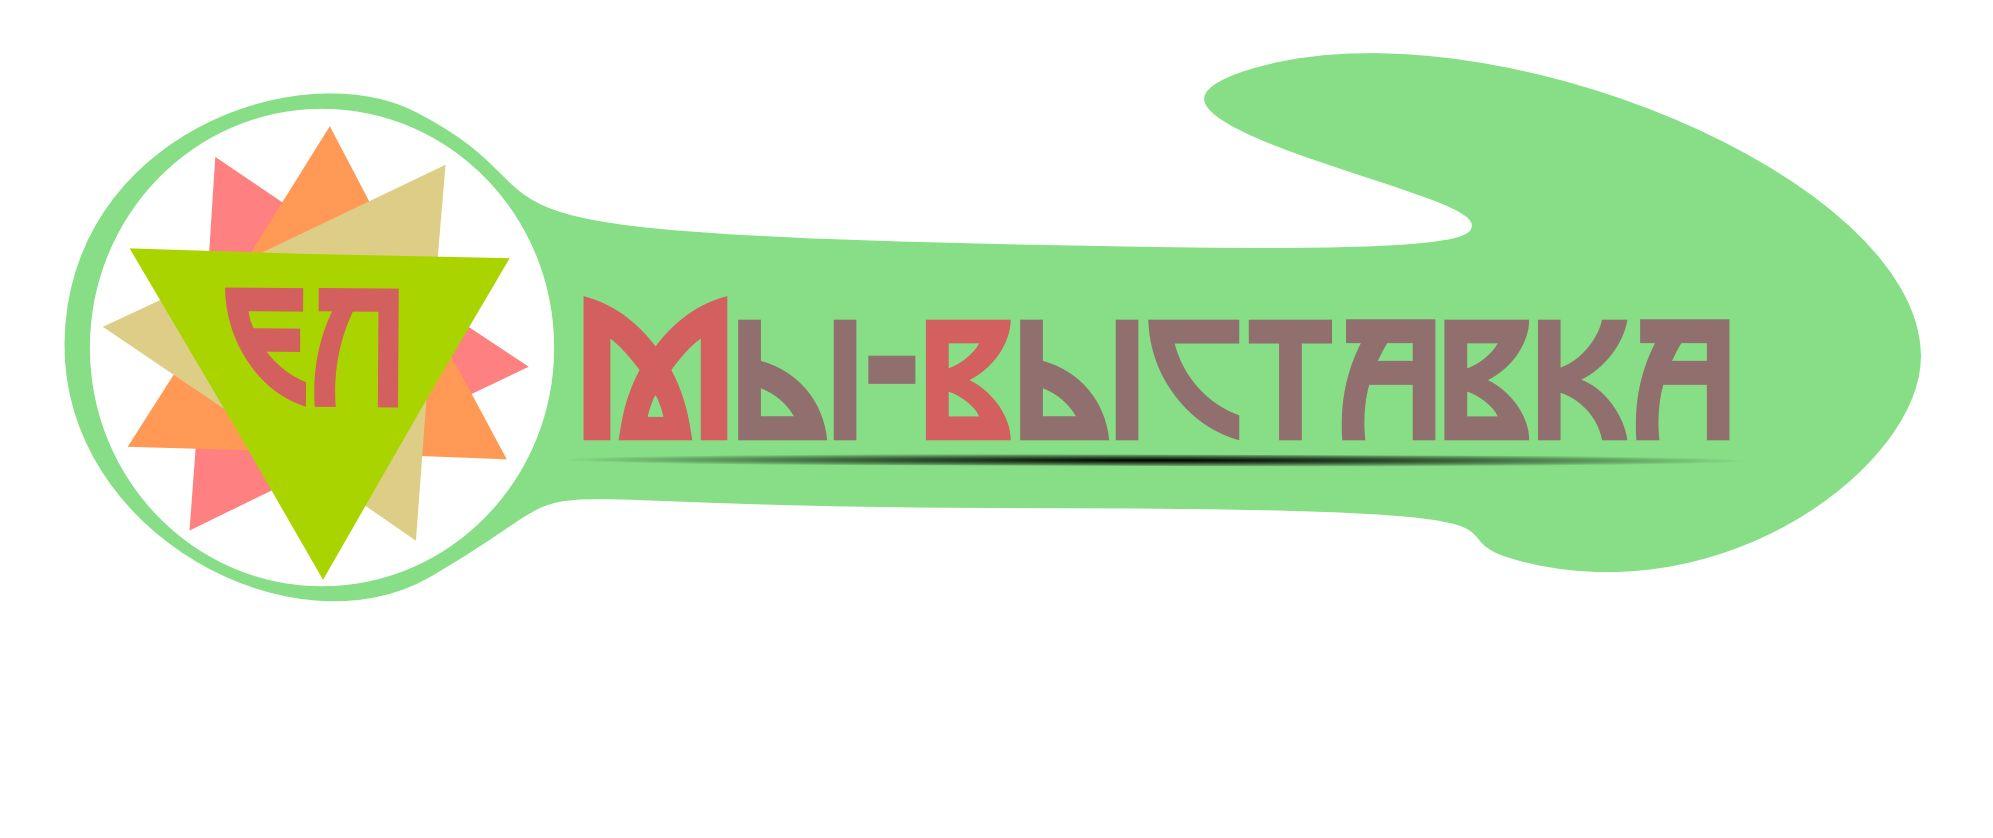 Логотип выставочной компании Эксполист - дизайнер IlyaKU